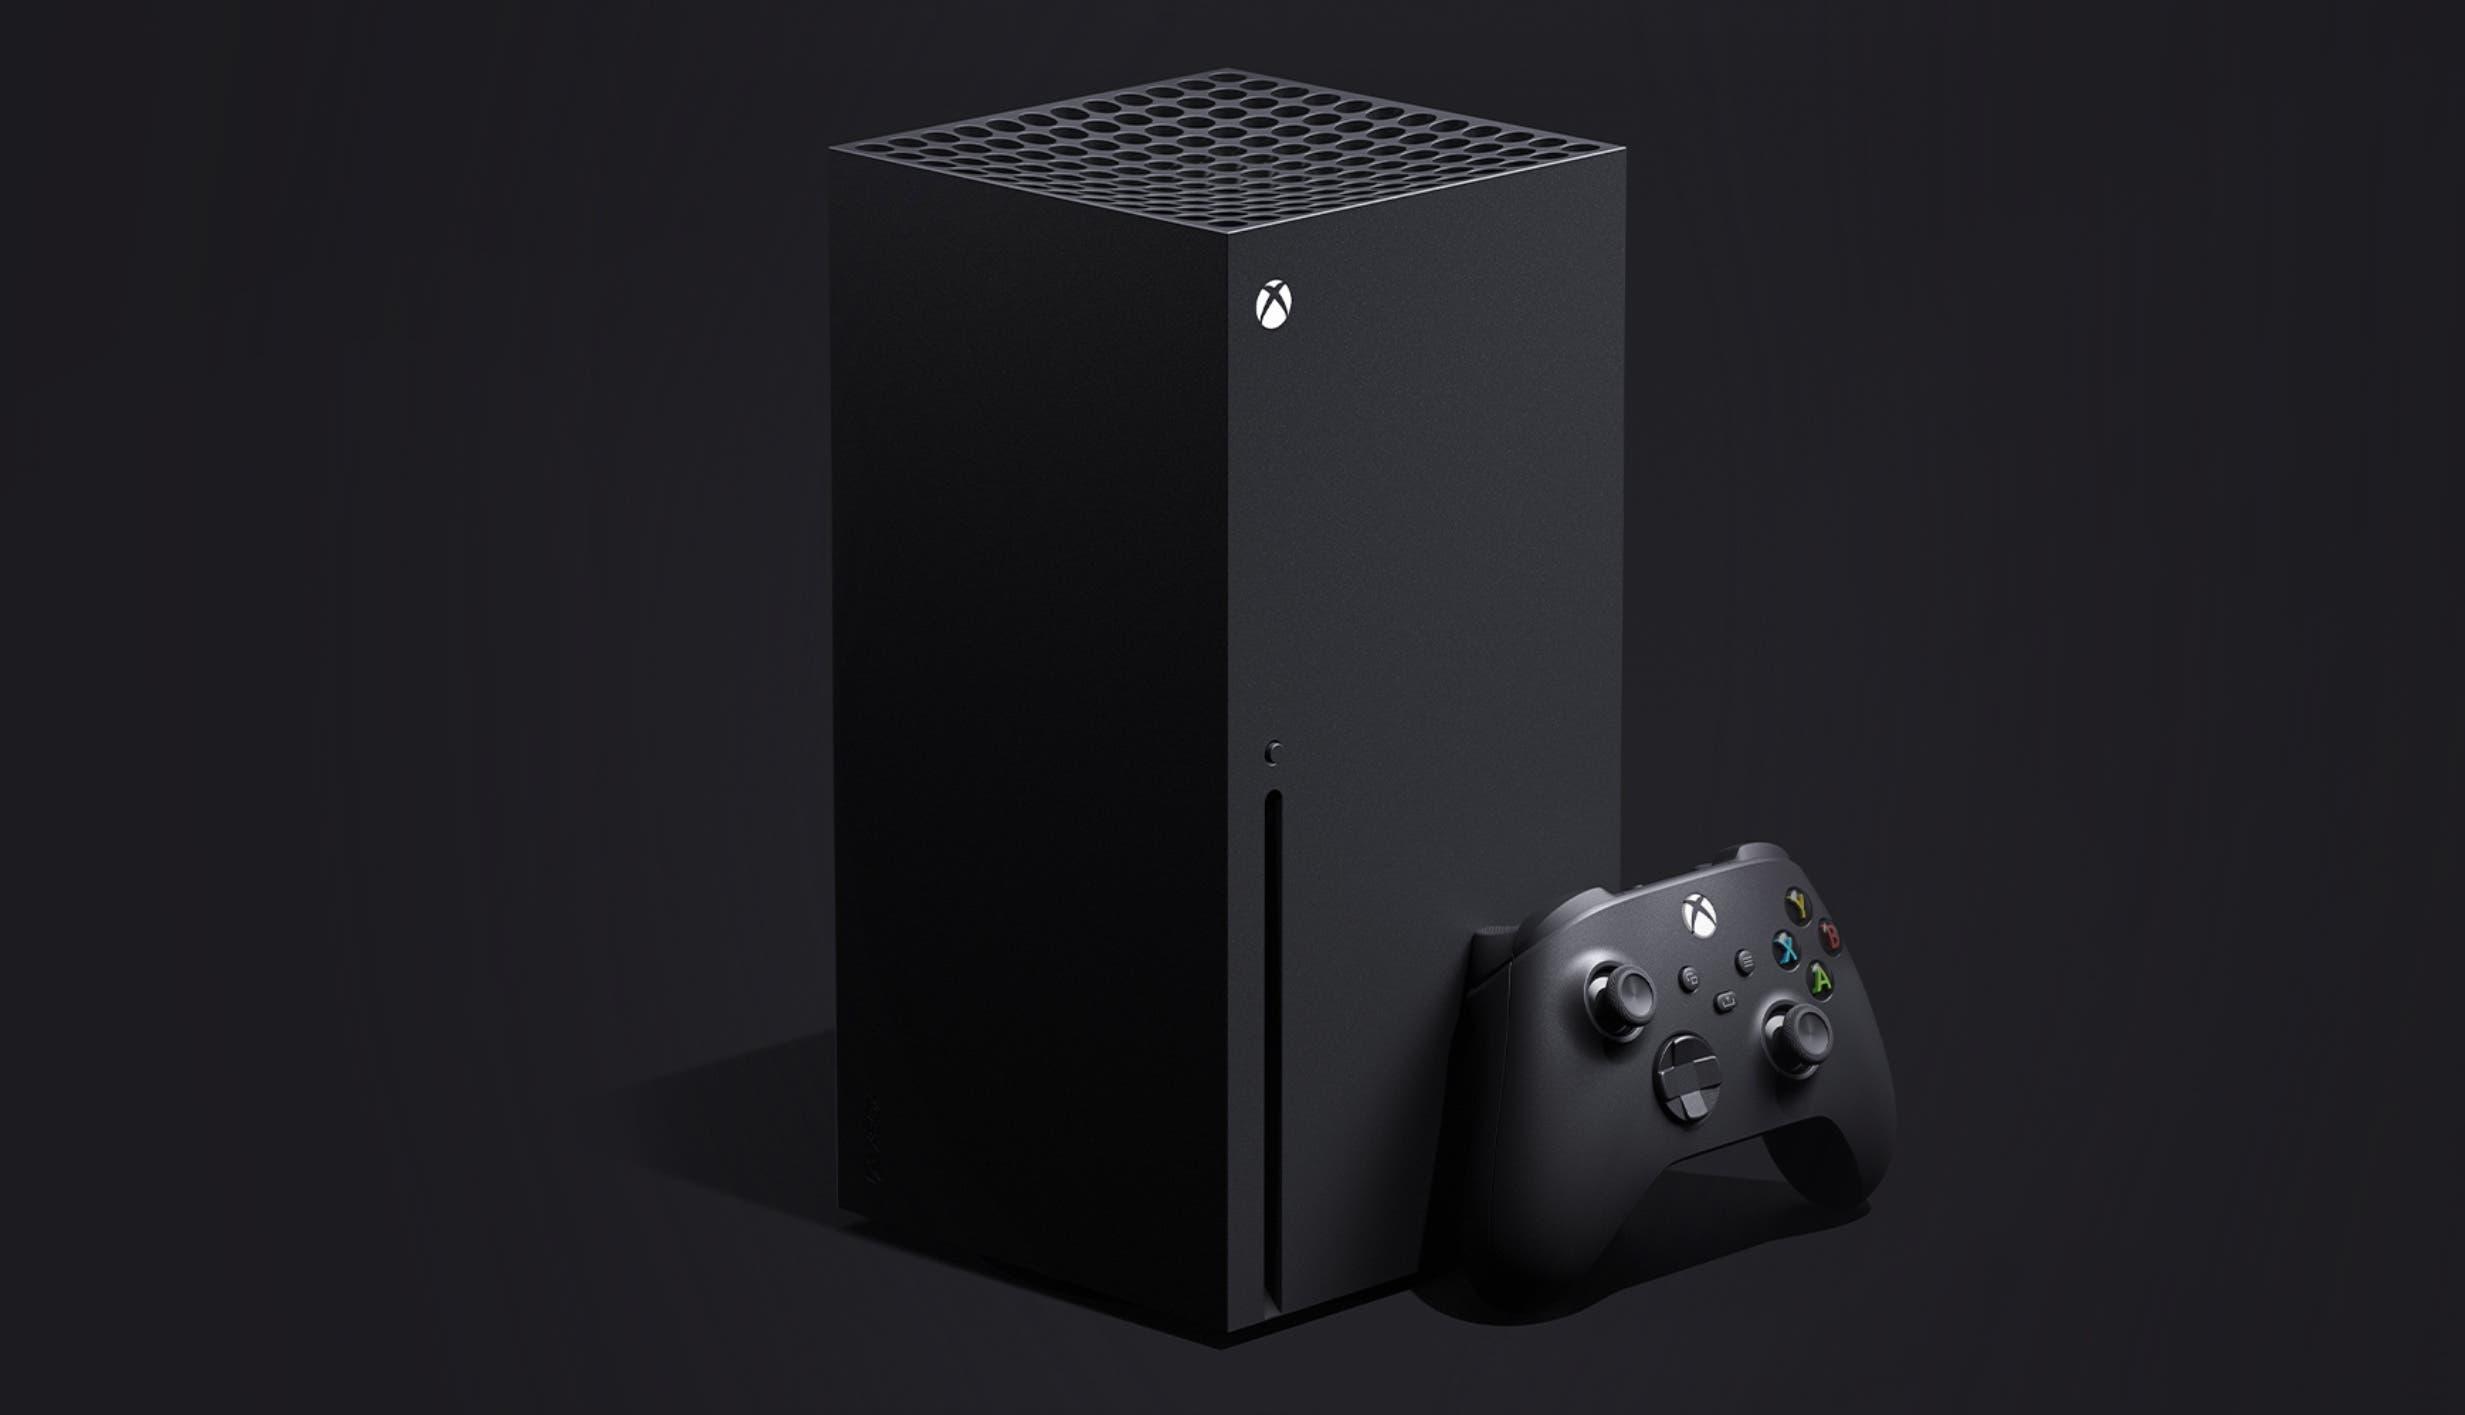 Microsoft confirma que habrá más unidades de Xbox Series X el 10 de noviembre 5